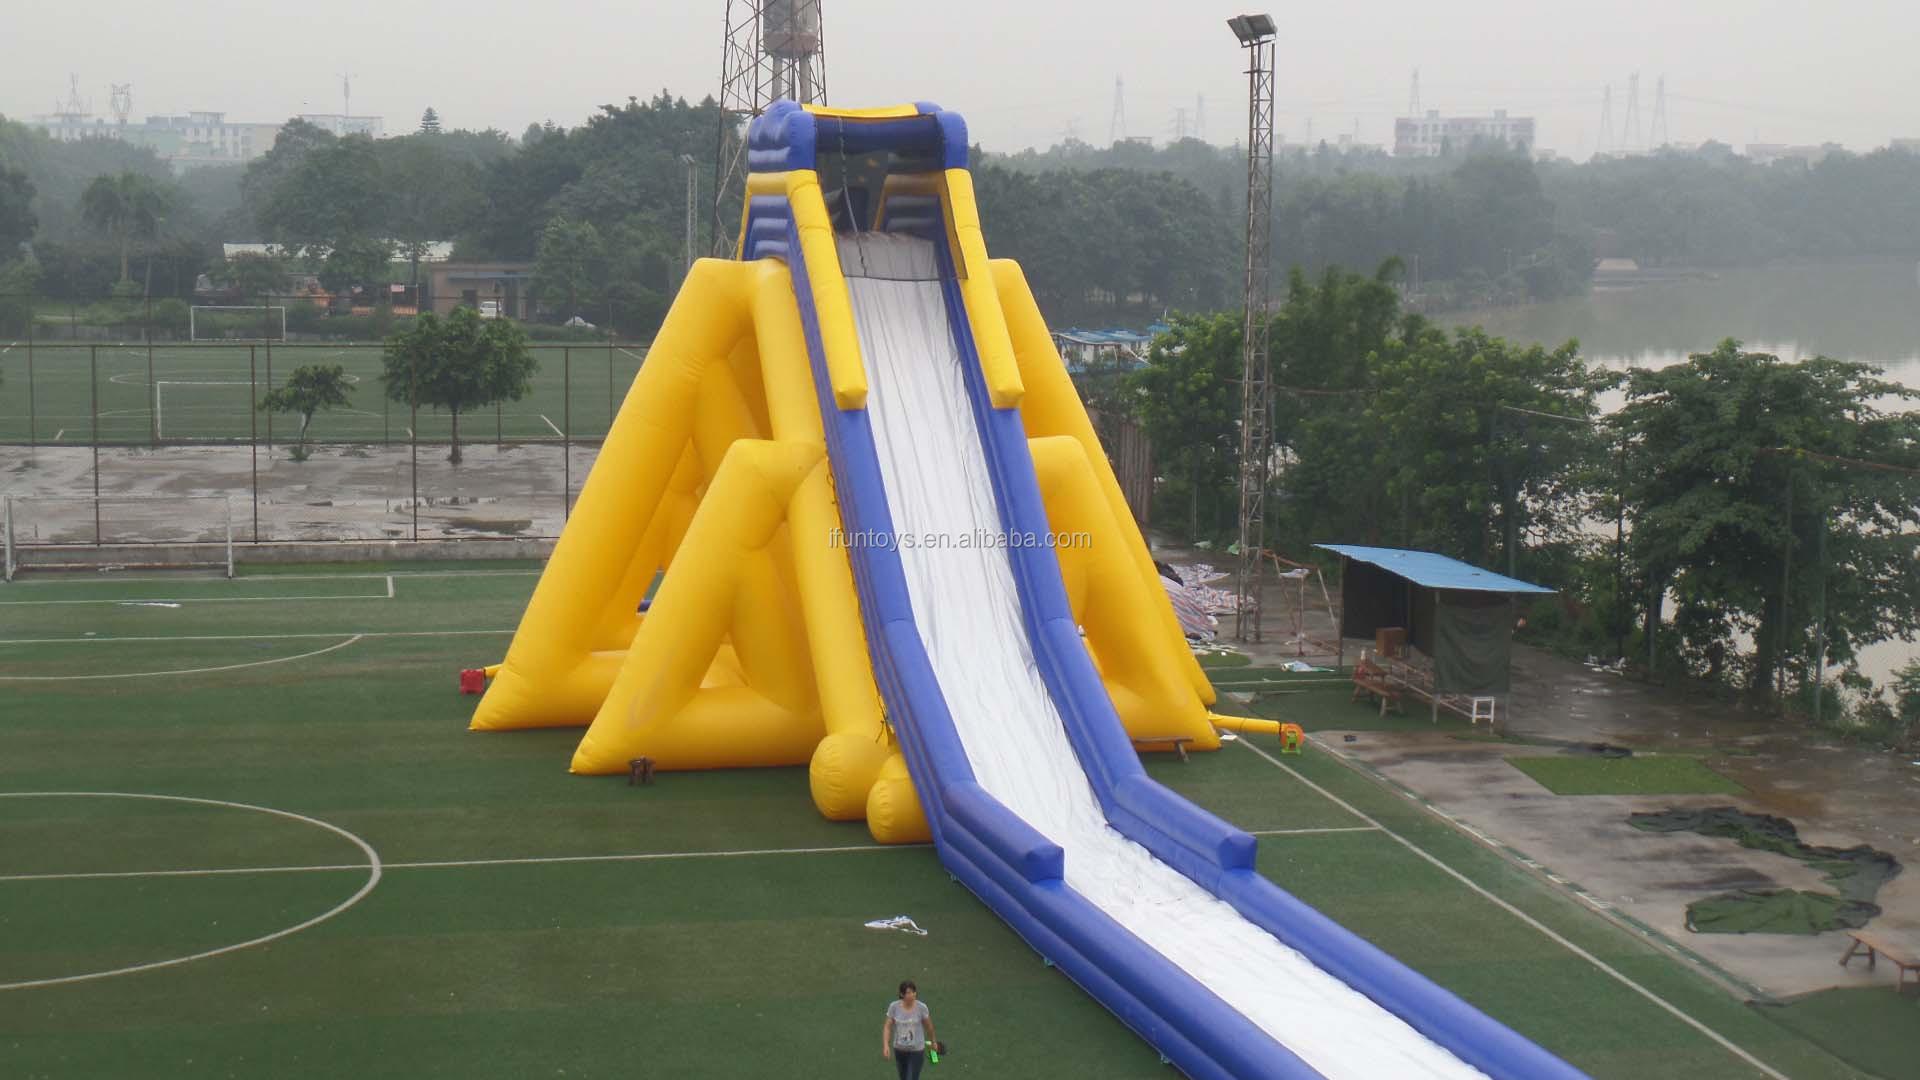 Hippo Water Slide /inflatable Hippo Slide/giant Water Slide For ...